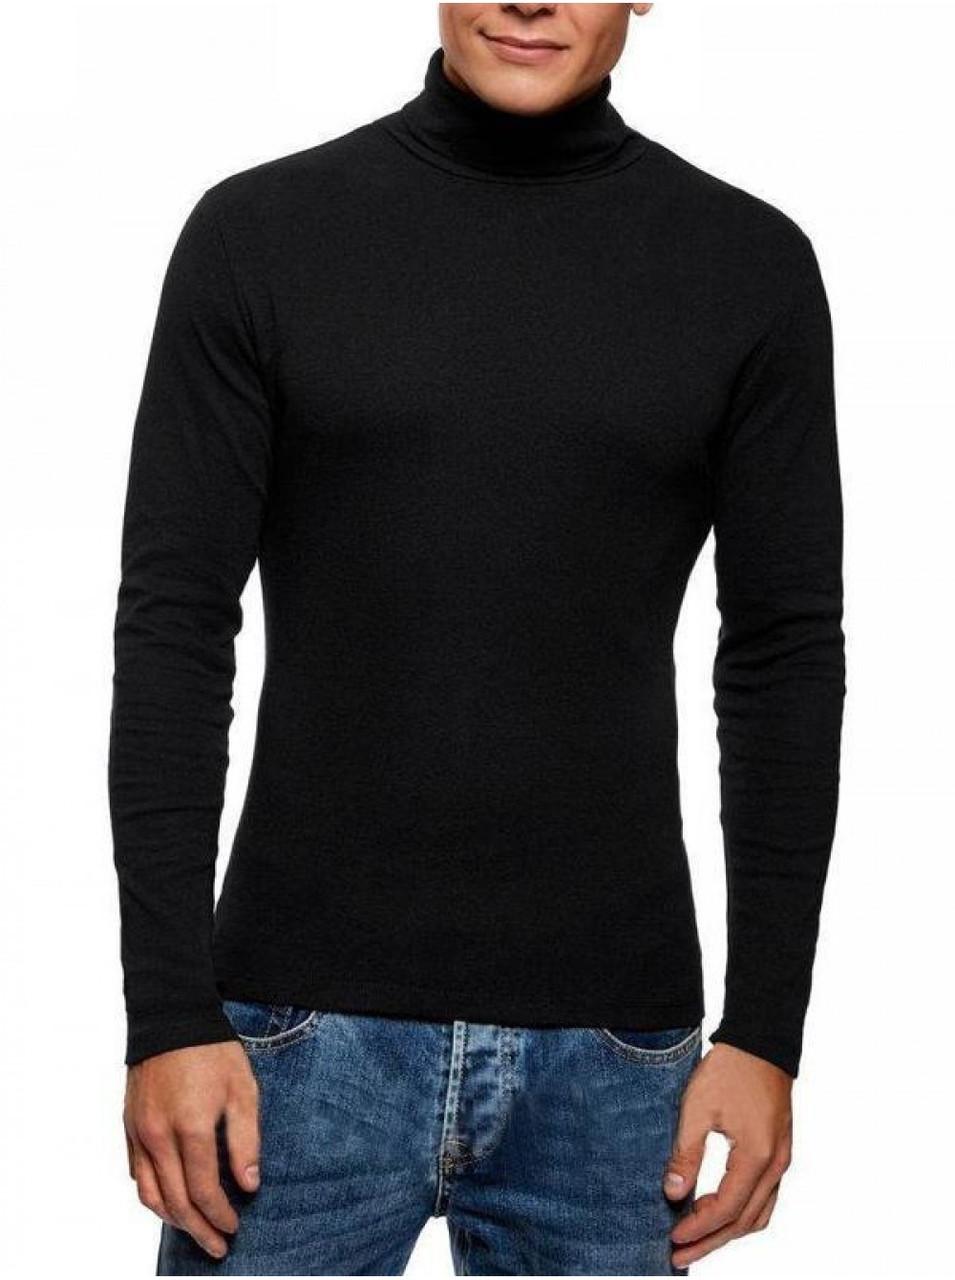 Мужской свитер с длинным горлом